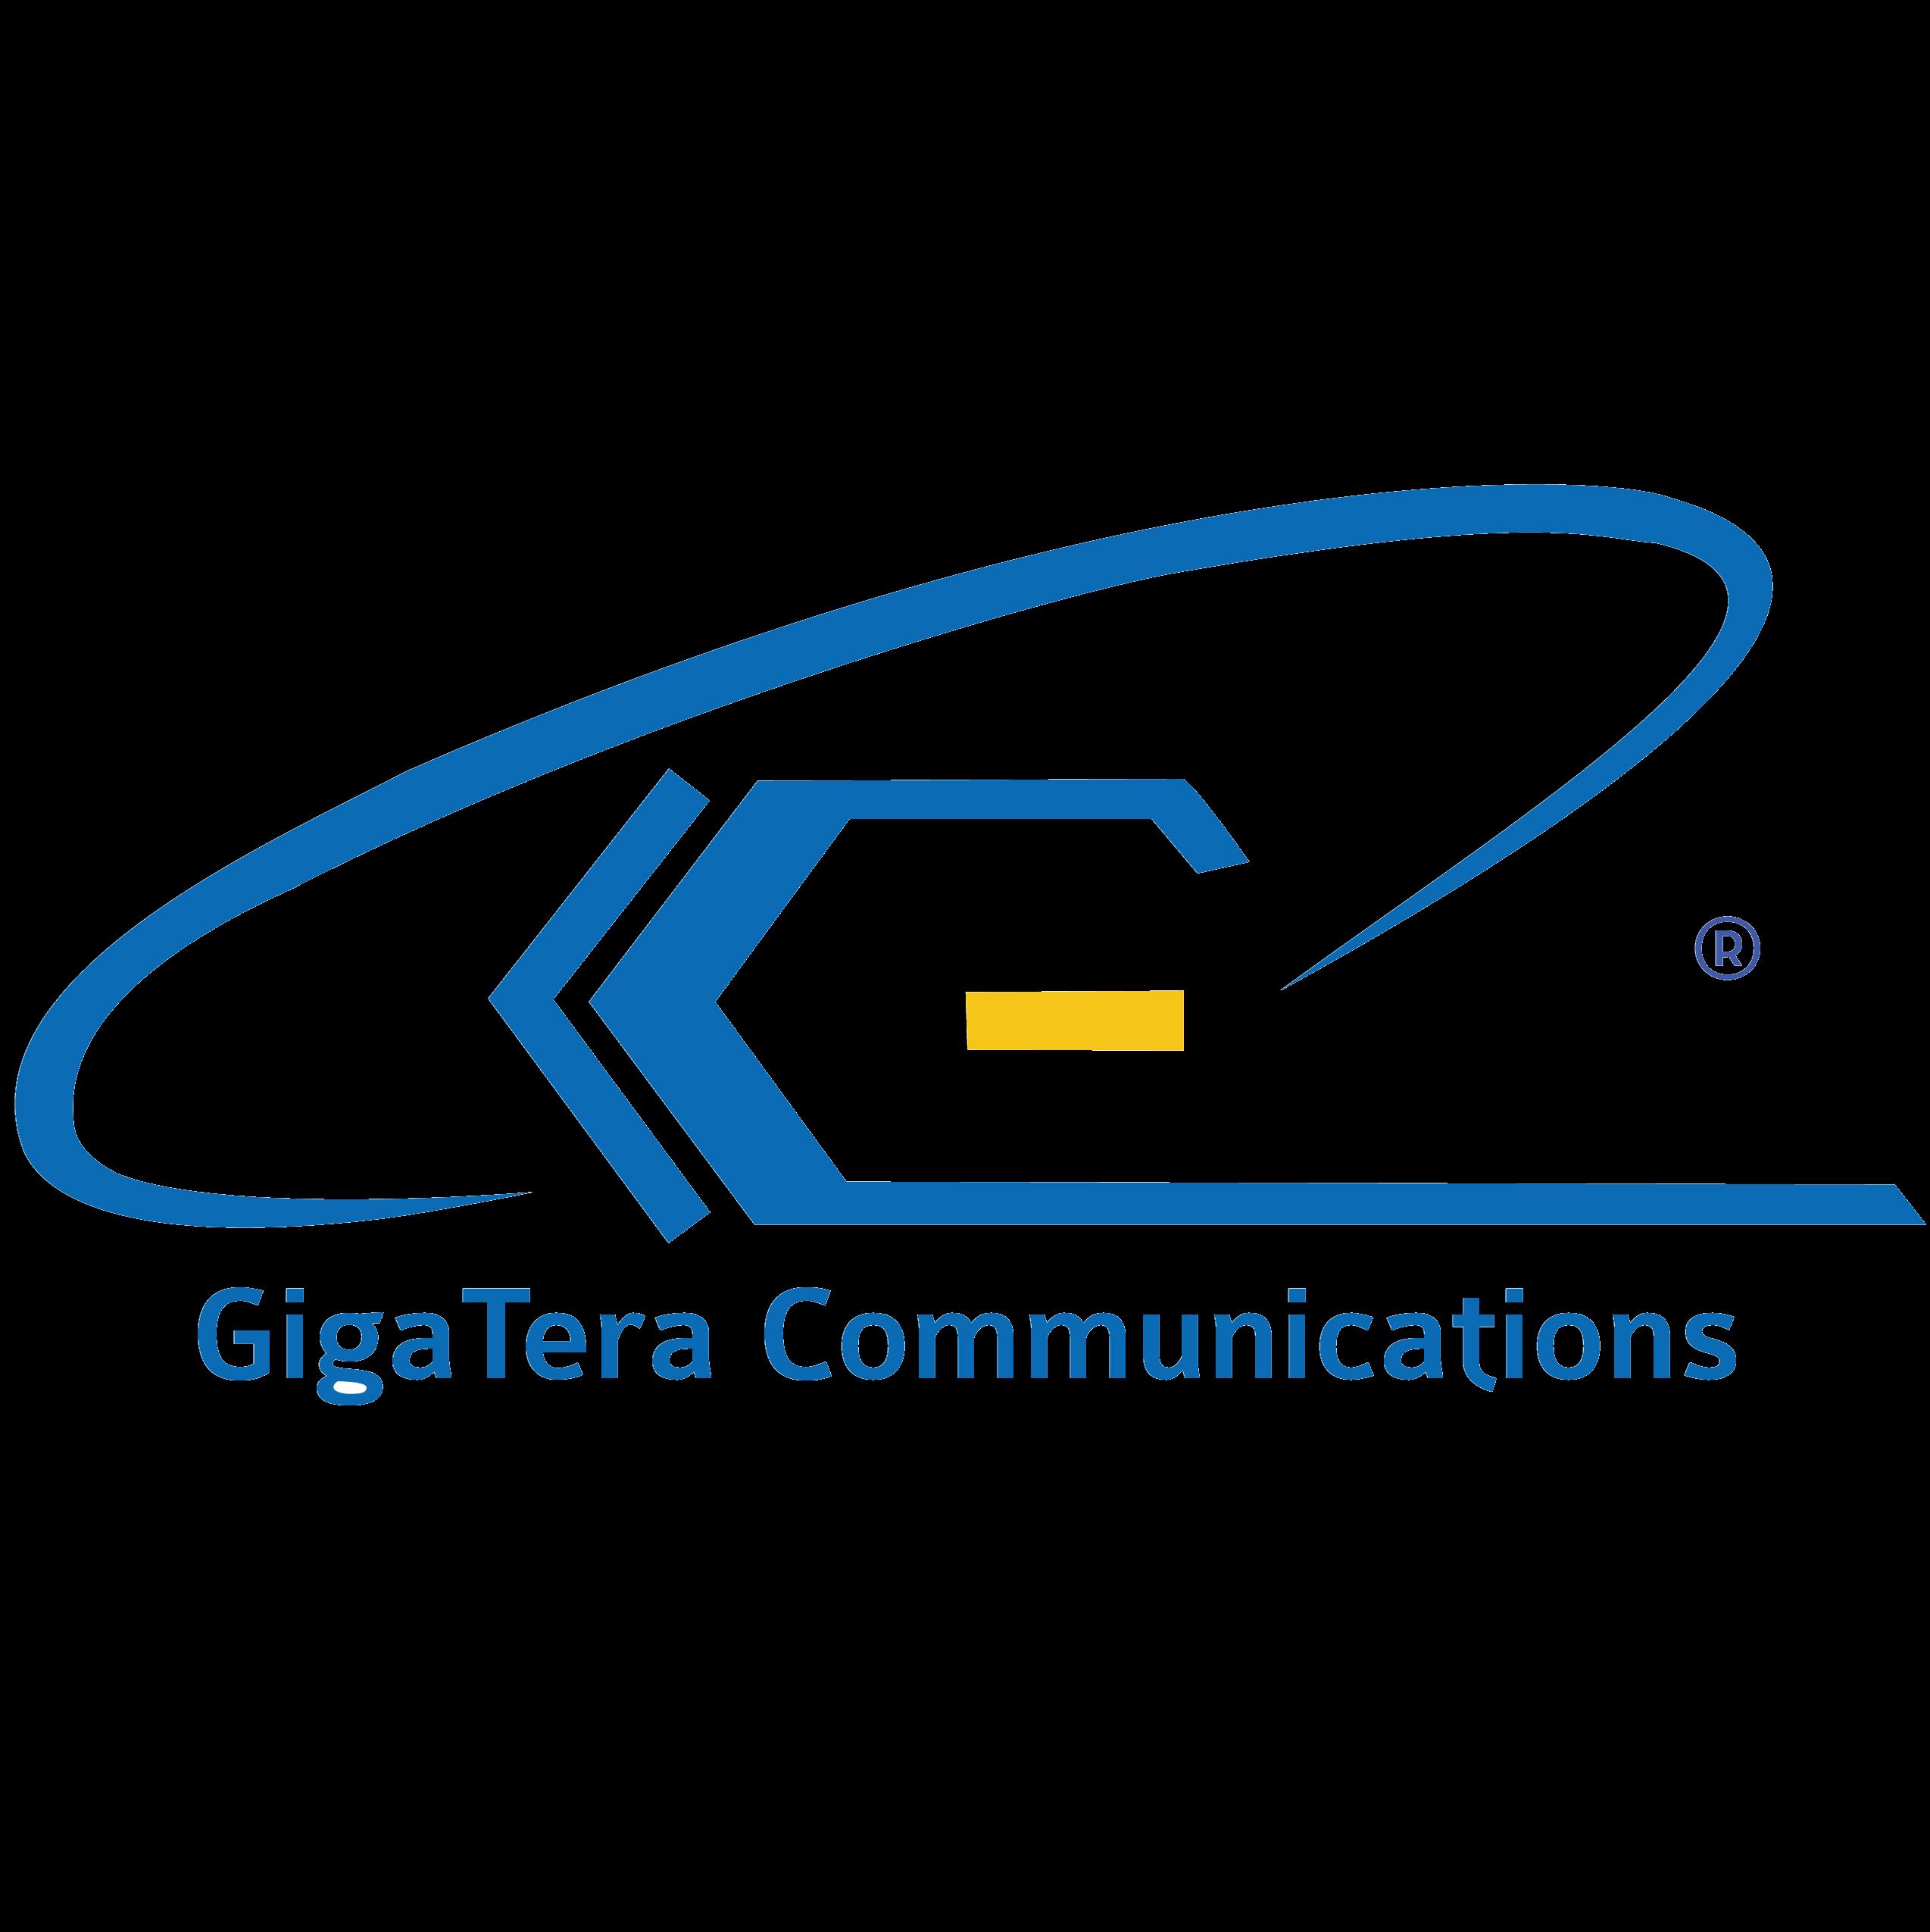 GigaTera Communications